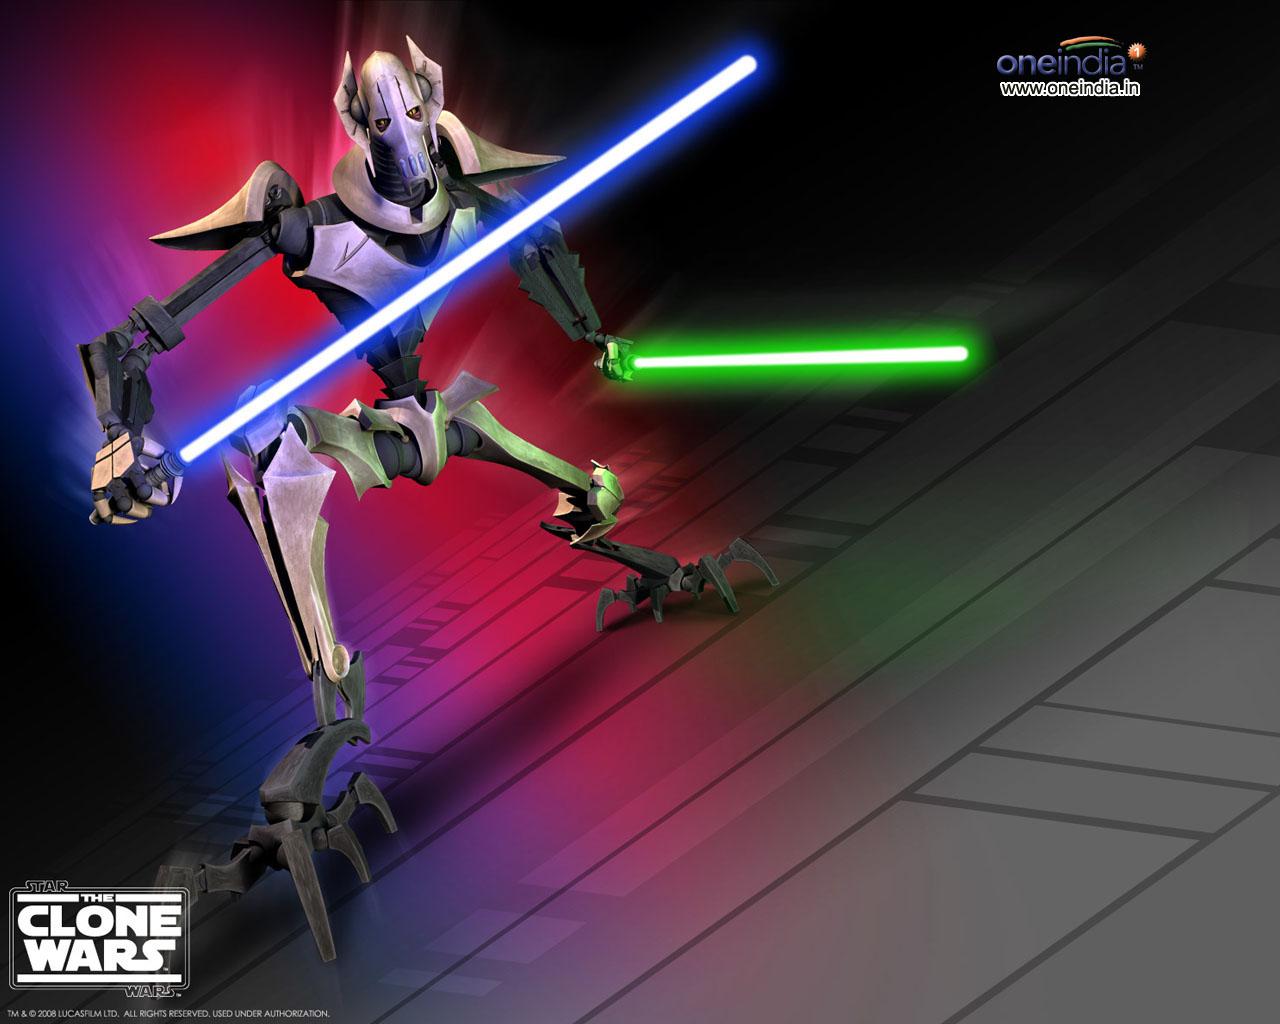 star war wallpaper star wars the clone wars wallpaper